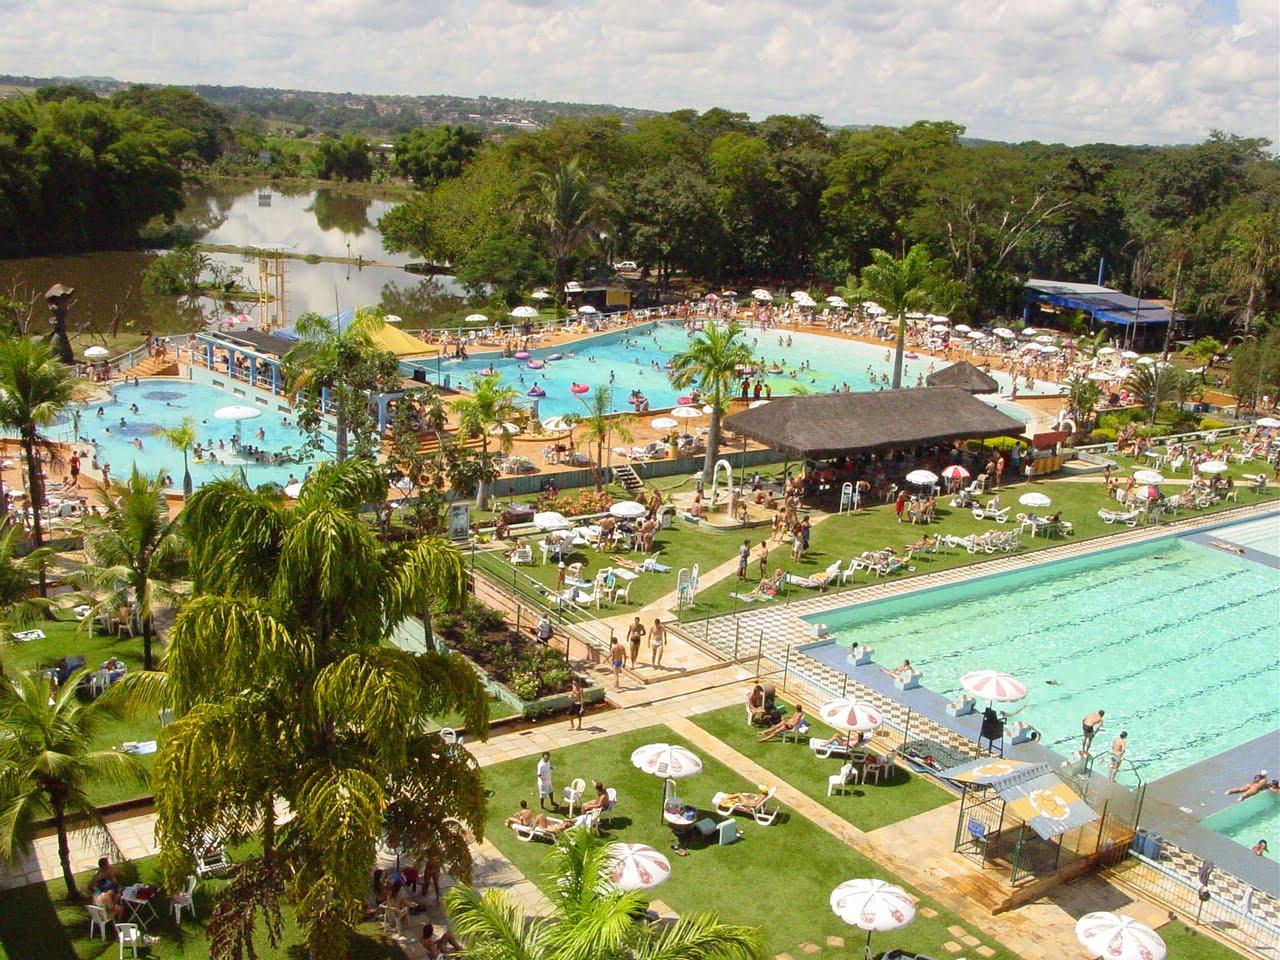 Garoto de 6 anos foi encontrado submerso na piscina semi olímpica do Clube Jaó. / Foto: Reprodução.